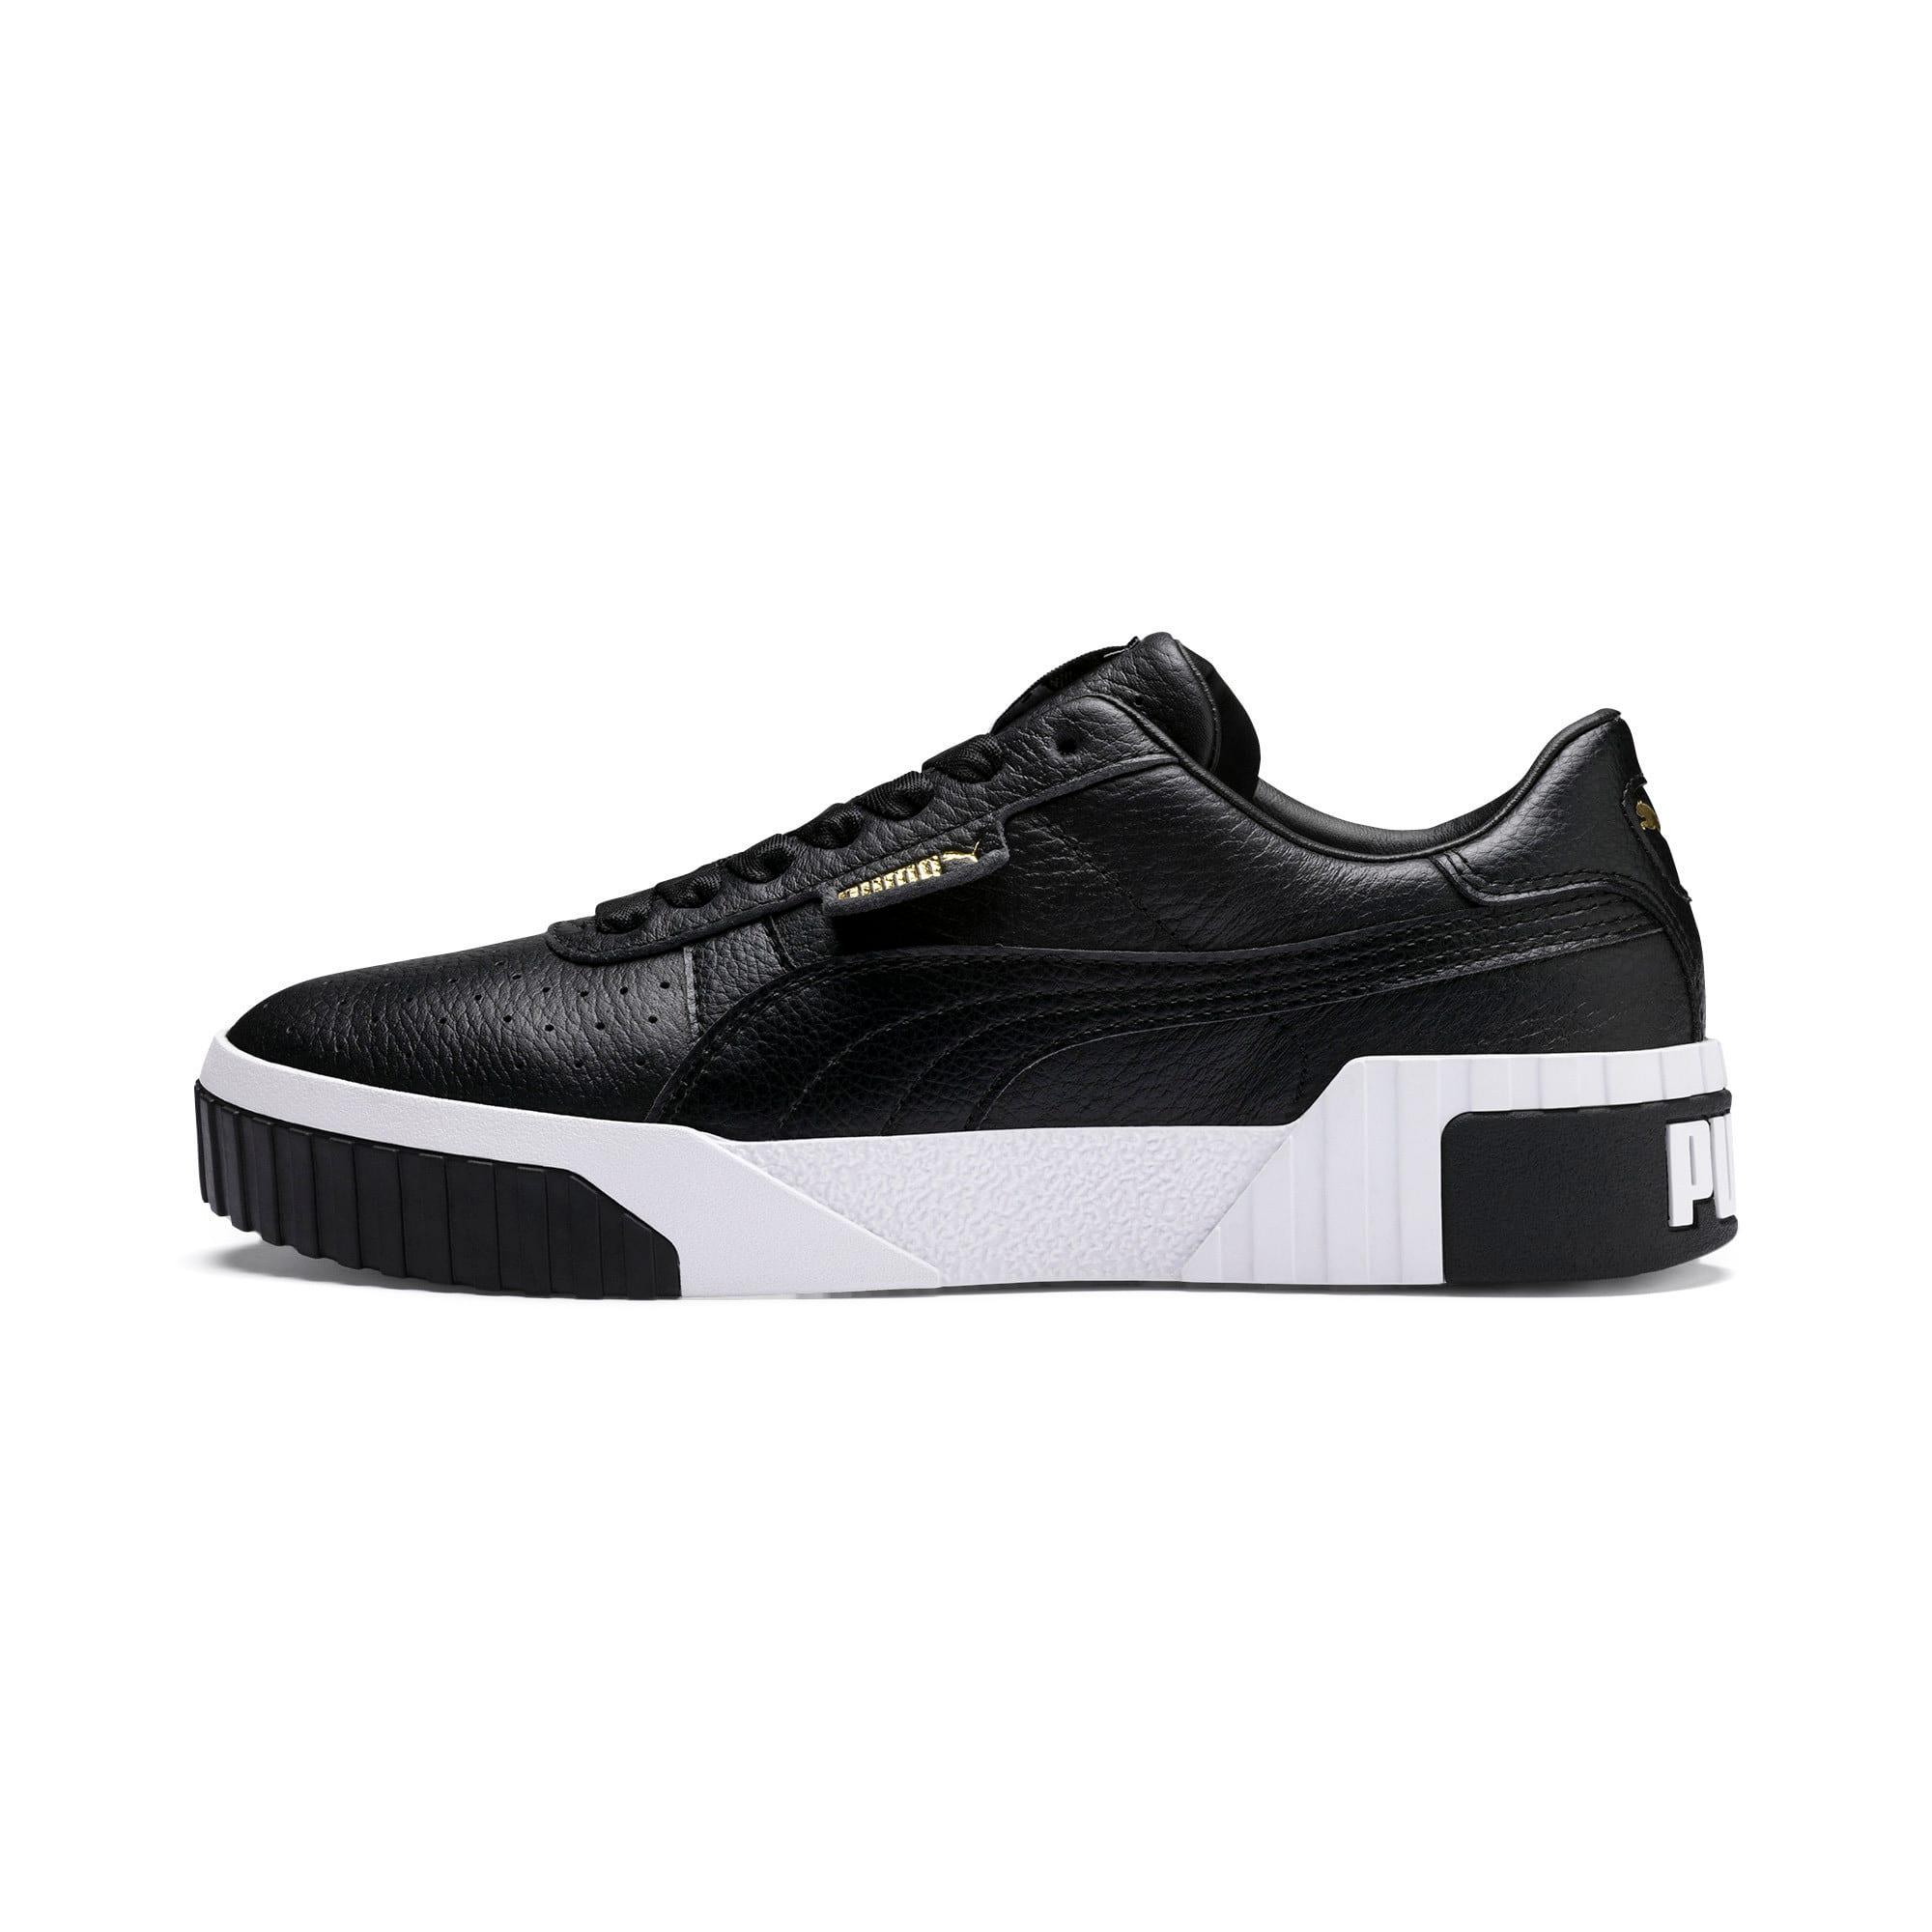 Miniatura 1 de Zapatos deportivos Cali para mujer, Puma Black-Puma White, mediano